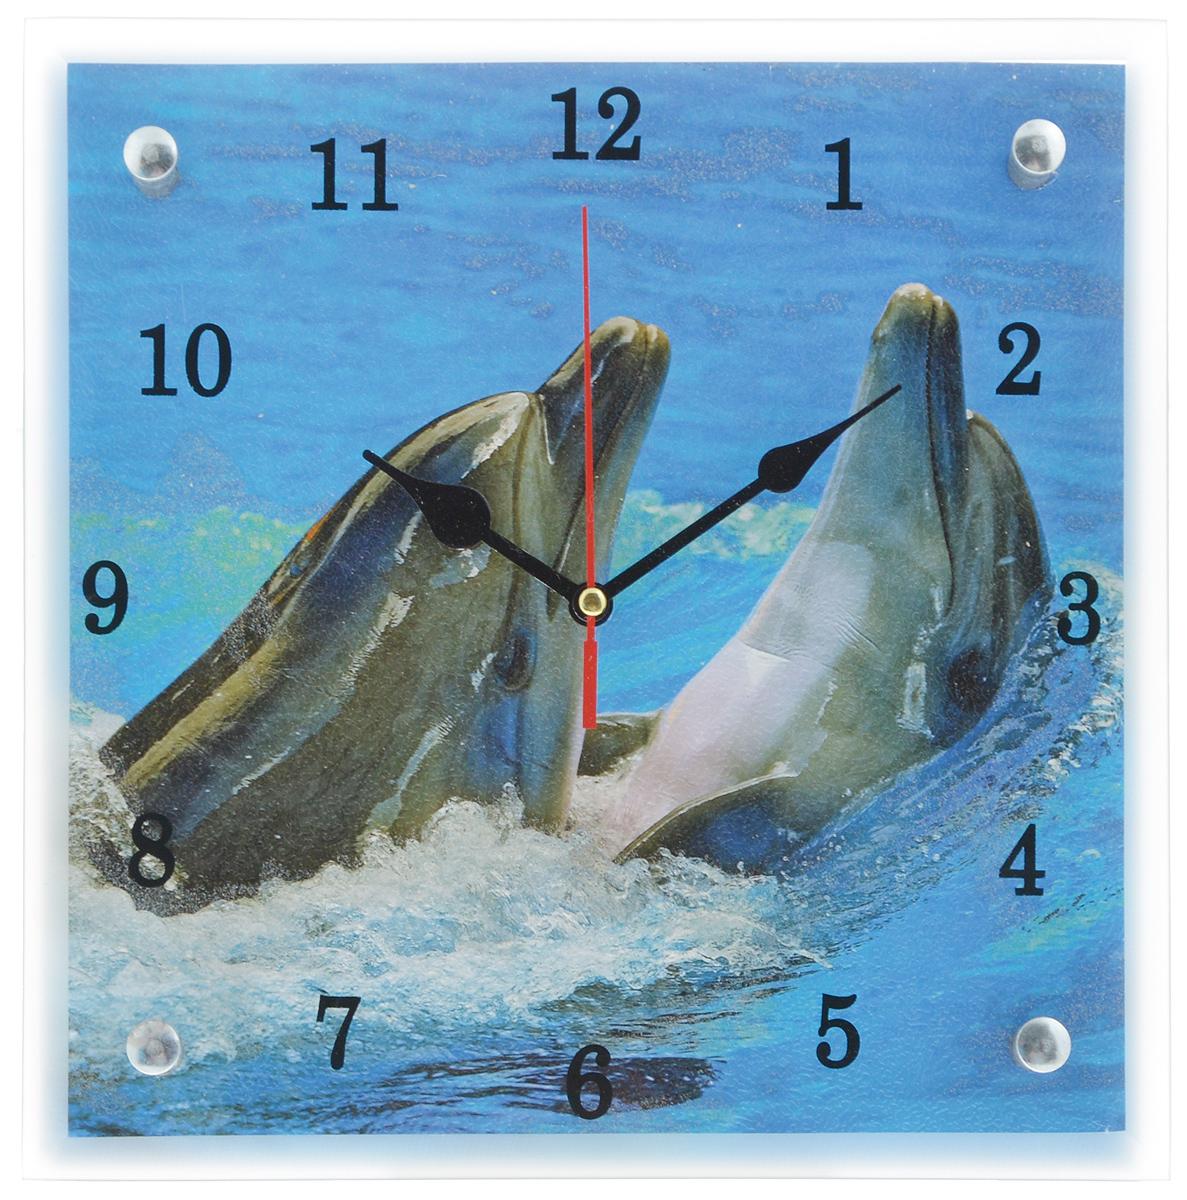 Часы настенные Proffi Home Дельфины, 25 х 25 смВ576Настенные кварцевые часы Proffi Home Дельфины, изготовленные из ДВП и стекла, прекрасно подойдут под интерьер вашего дома. Квадратные часы имеют три стрелки: часовую, минутную и секундную. Часы оснащены металлической петелькой для подвешивания. Часы работают от 1 батарейки типа АА напряжением 1,5 В (не входит в комплект). Размер часов: 25 х 25 х 3,5 см.